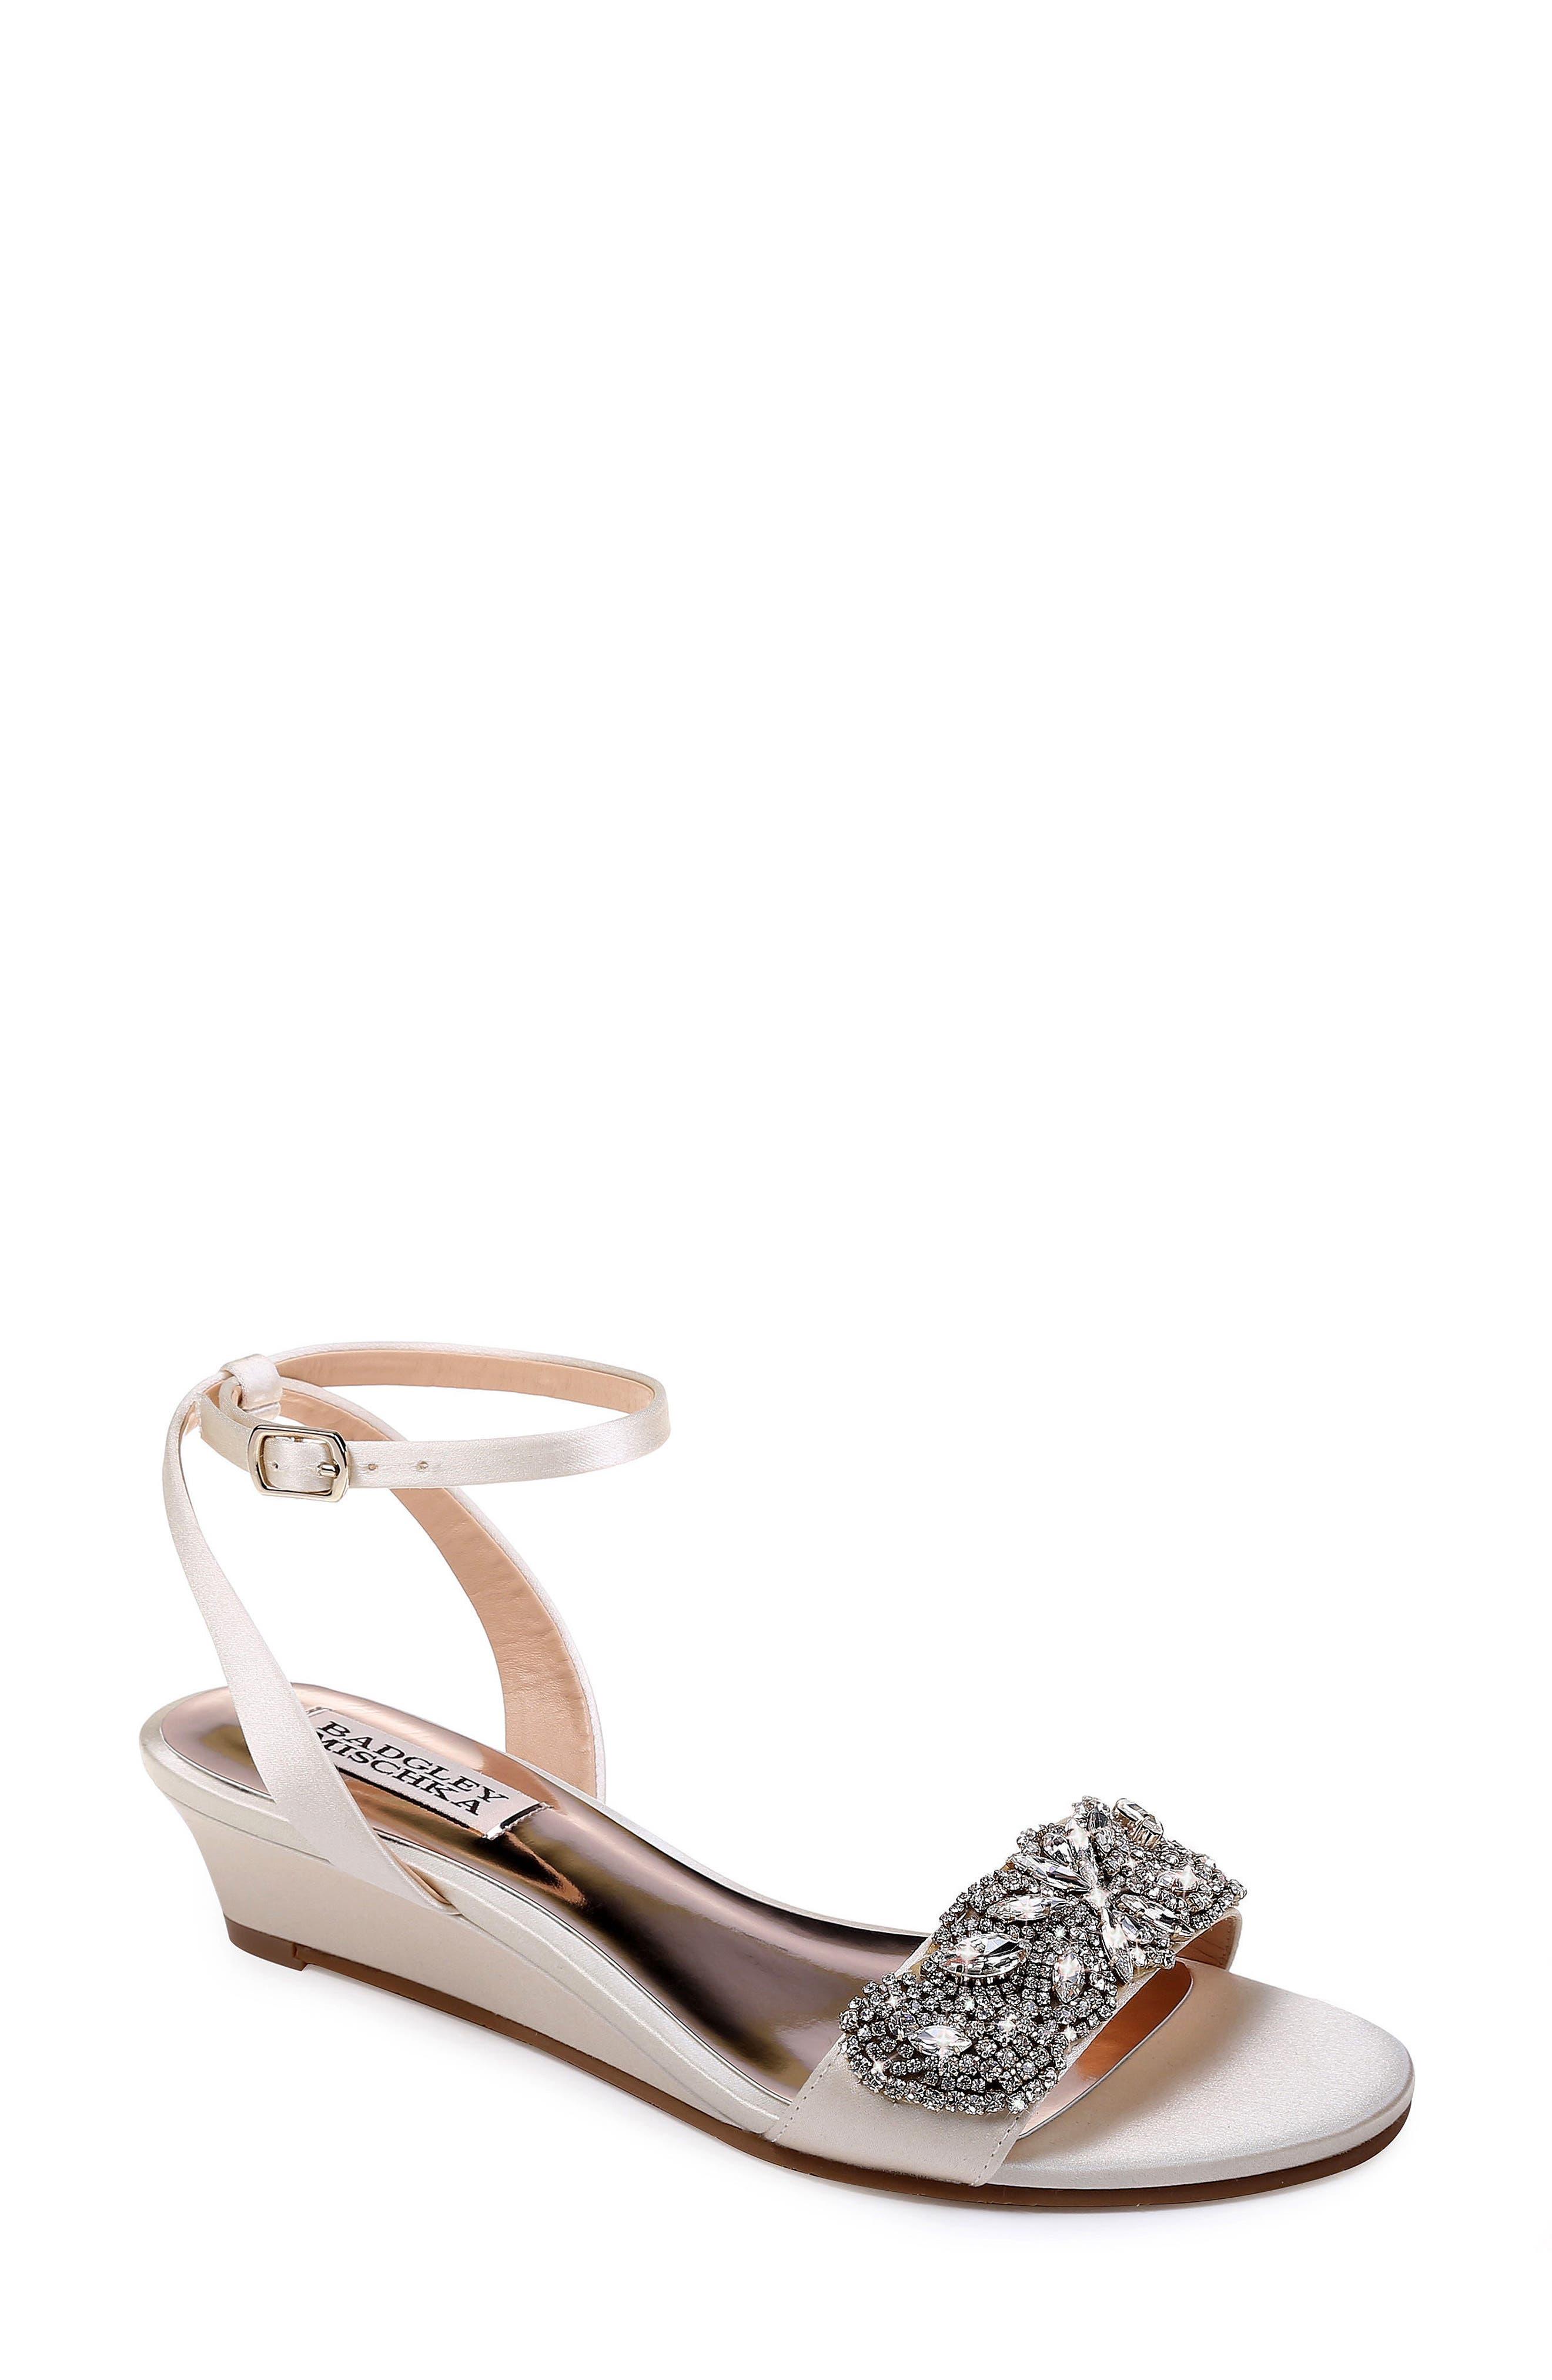 Badgley Mischka Hatch Crystal Embellished Sandal (Women)